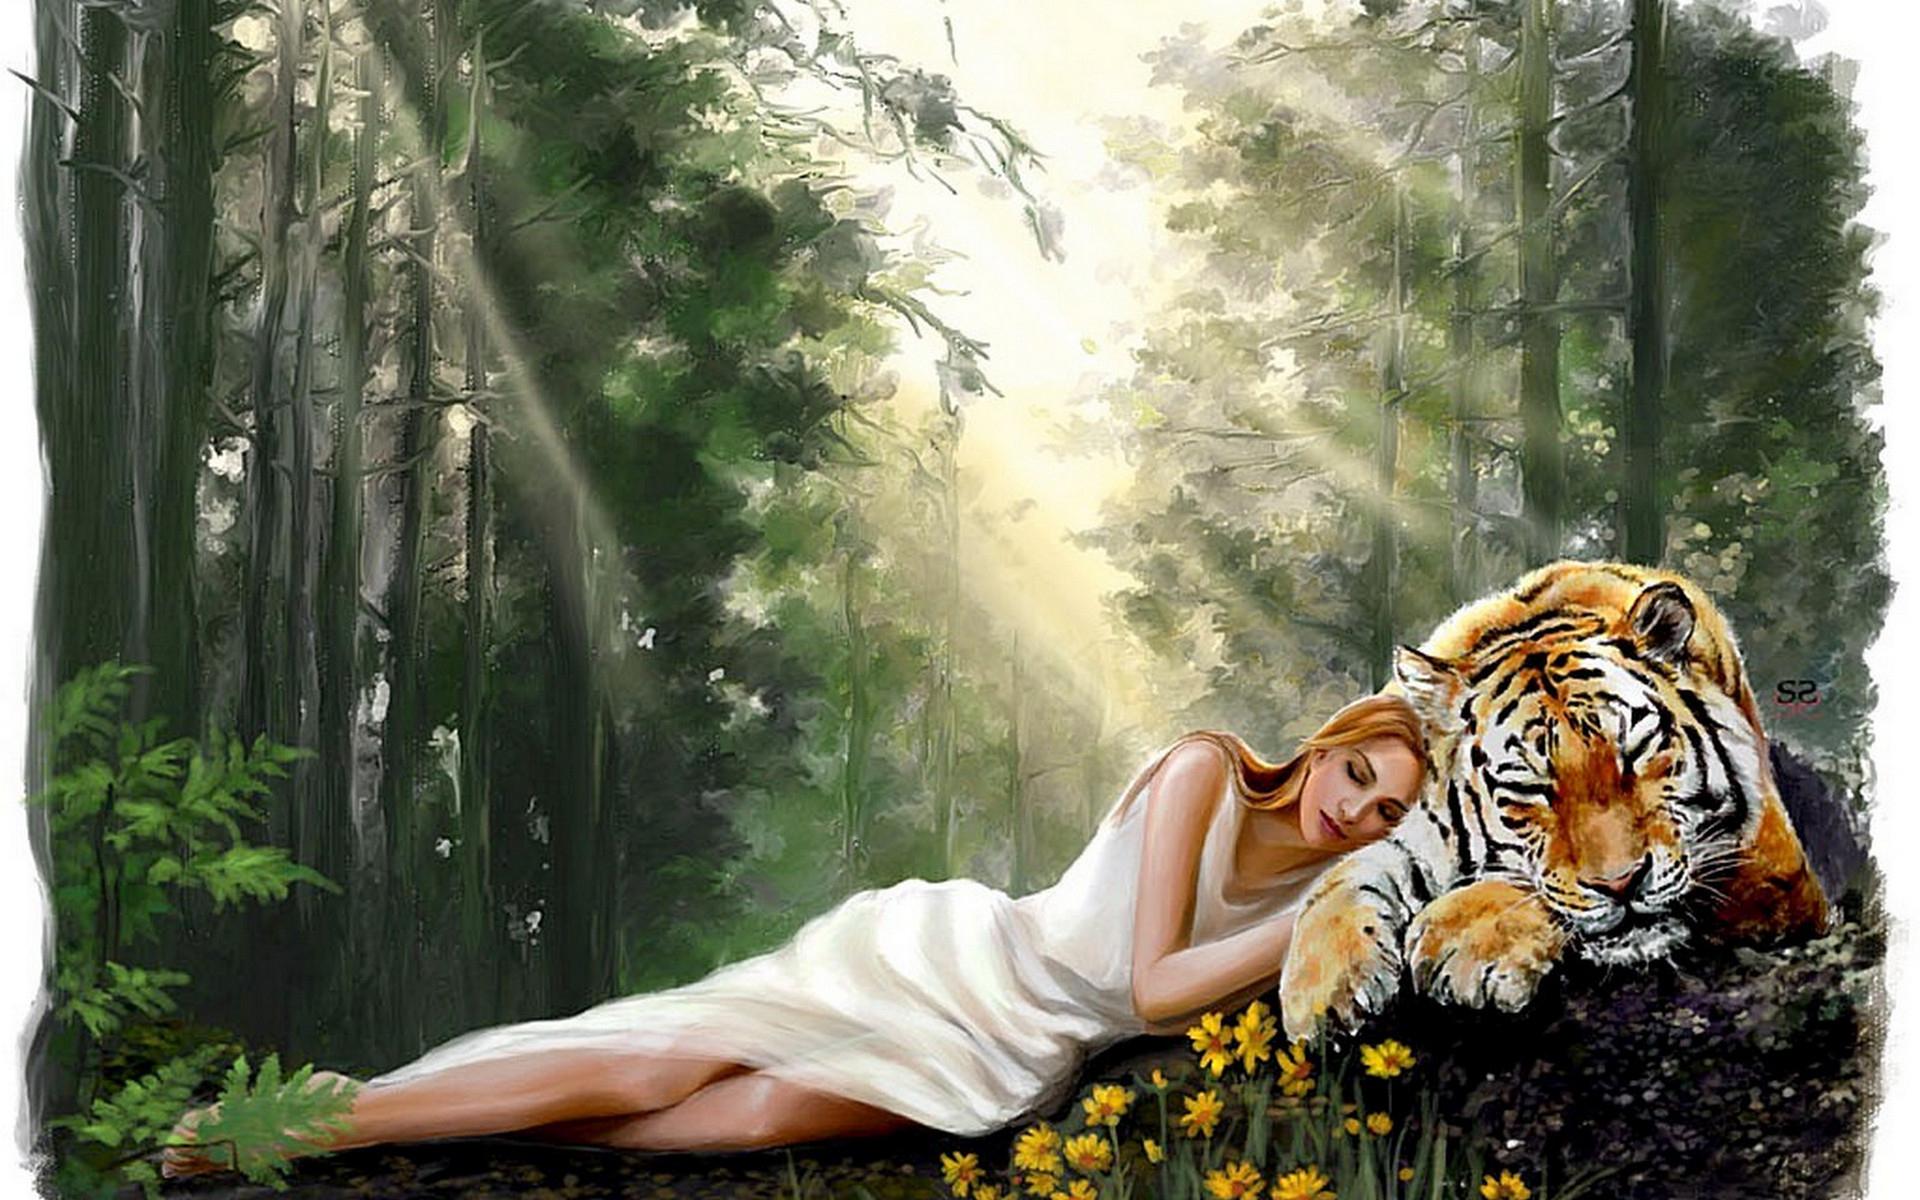 Рисованные спящие девушки картинки 9 фотография